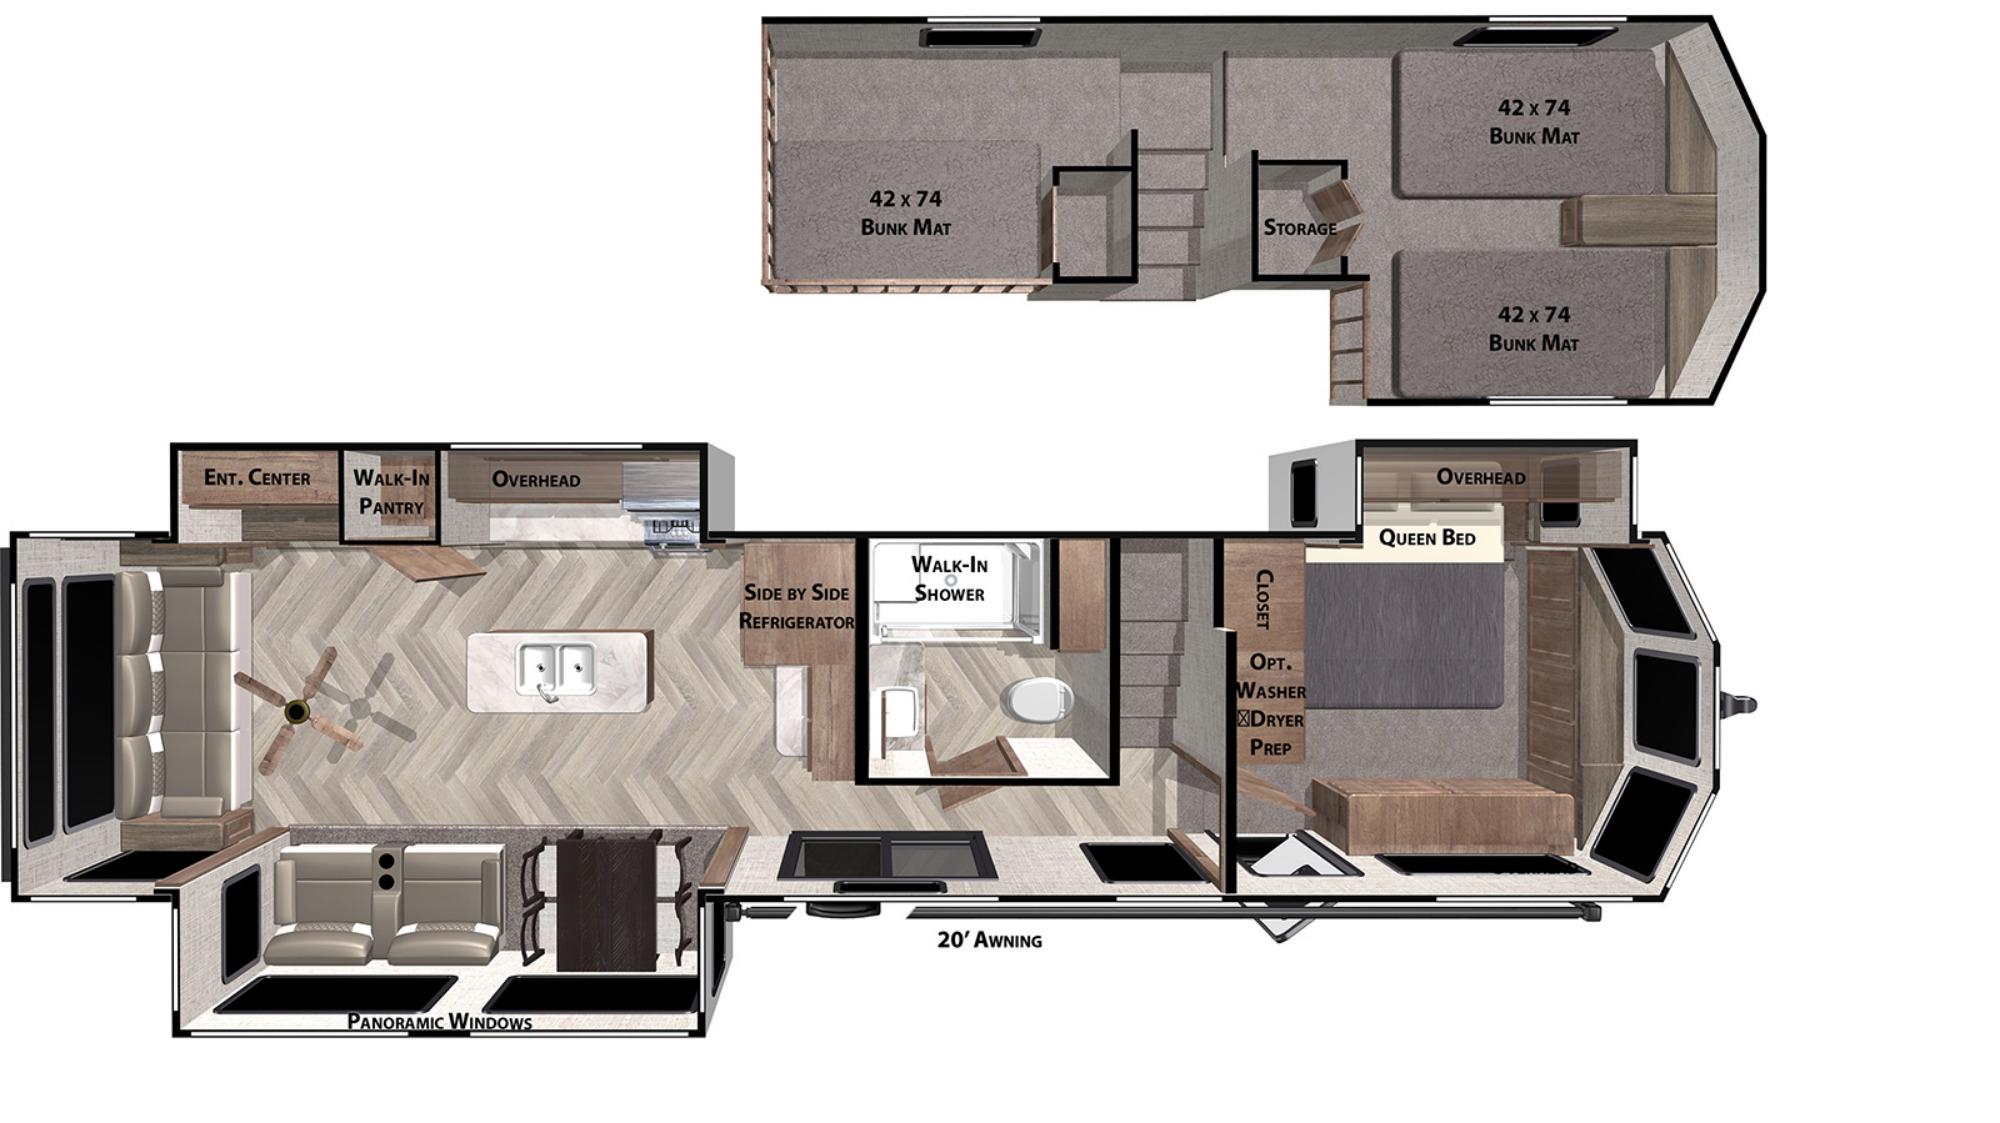 View Floor Plan for 2021 FOREST RIVER SALEM VILLA GRAND 42DL